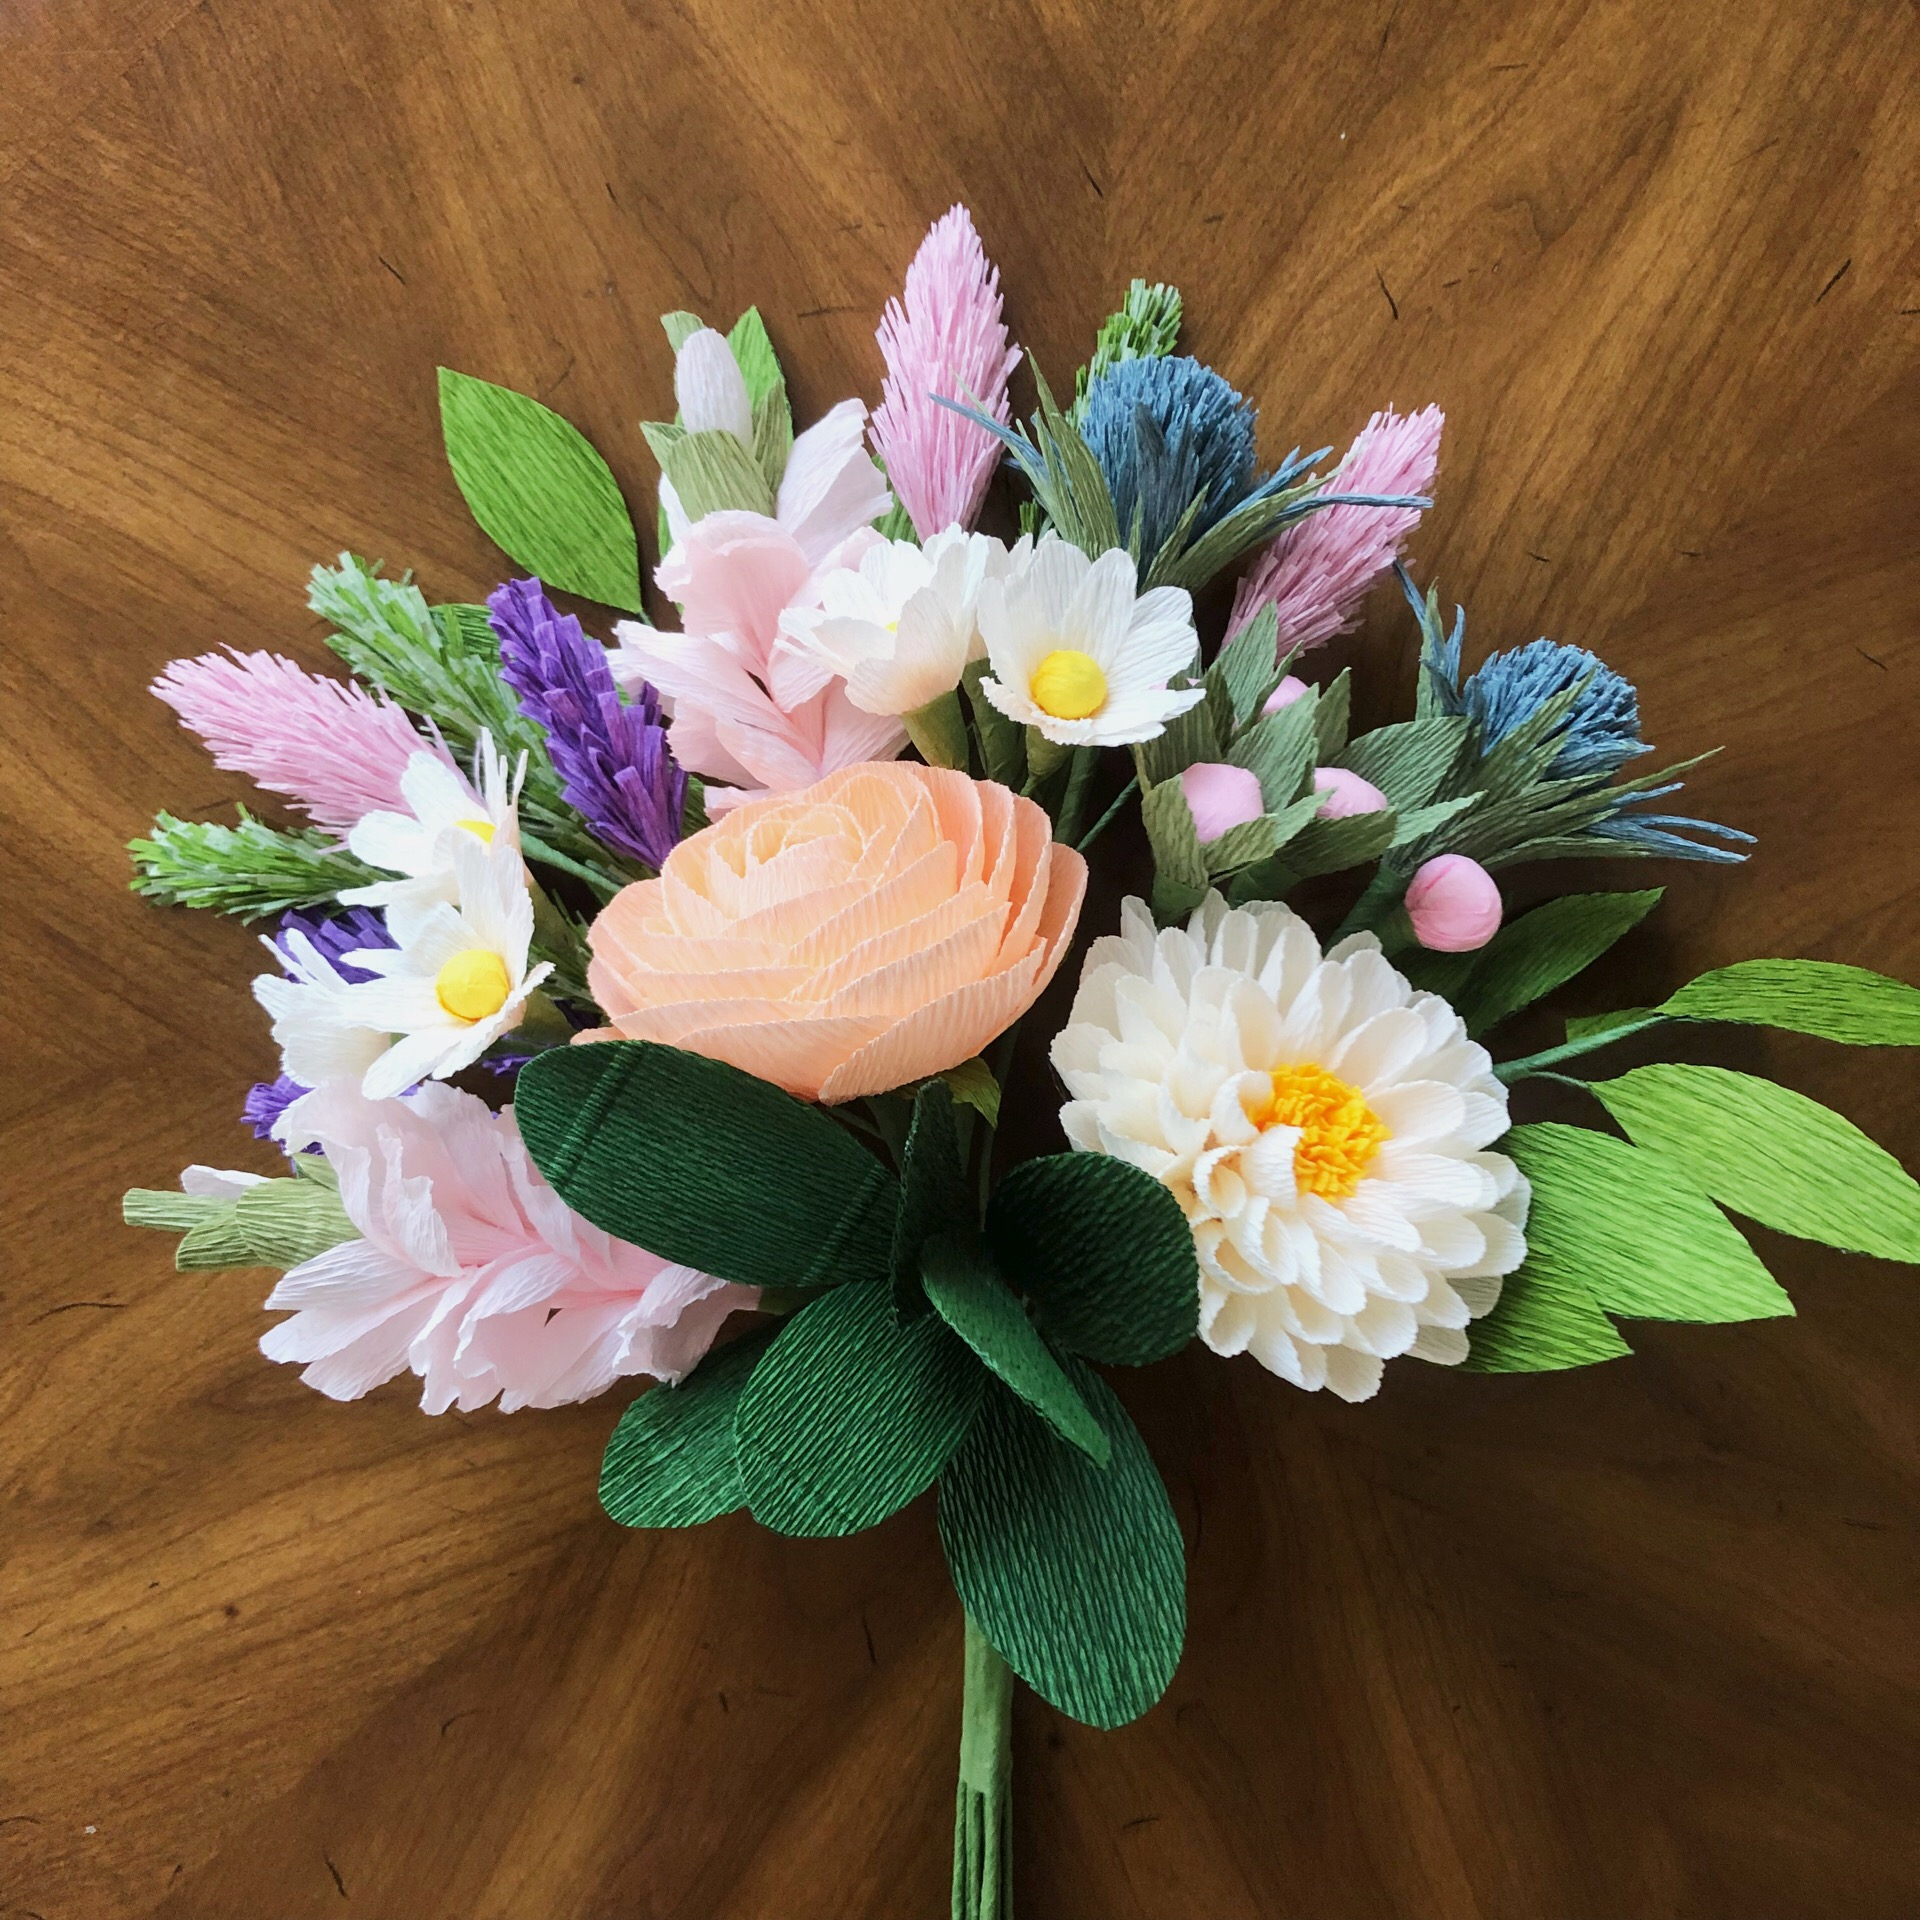 Bridal Replicas - Anniversary Bouquets